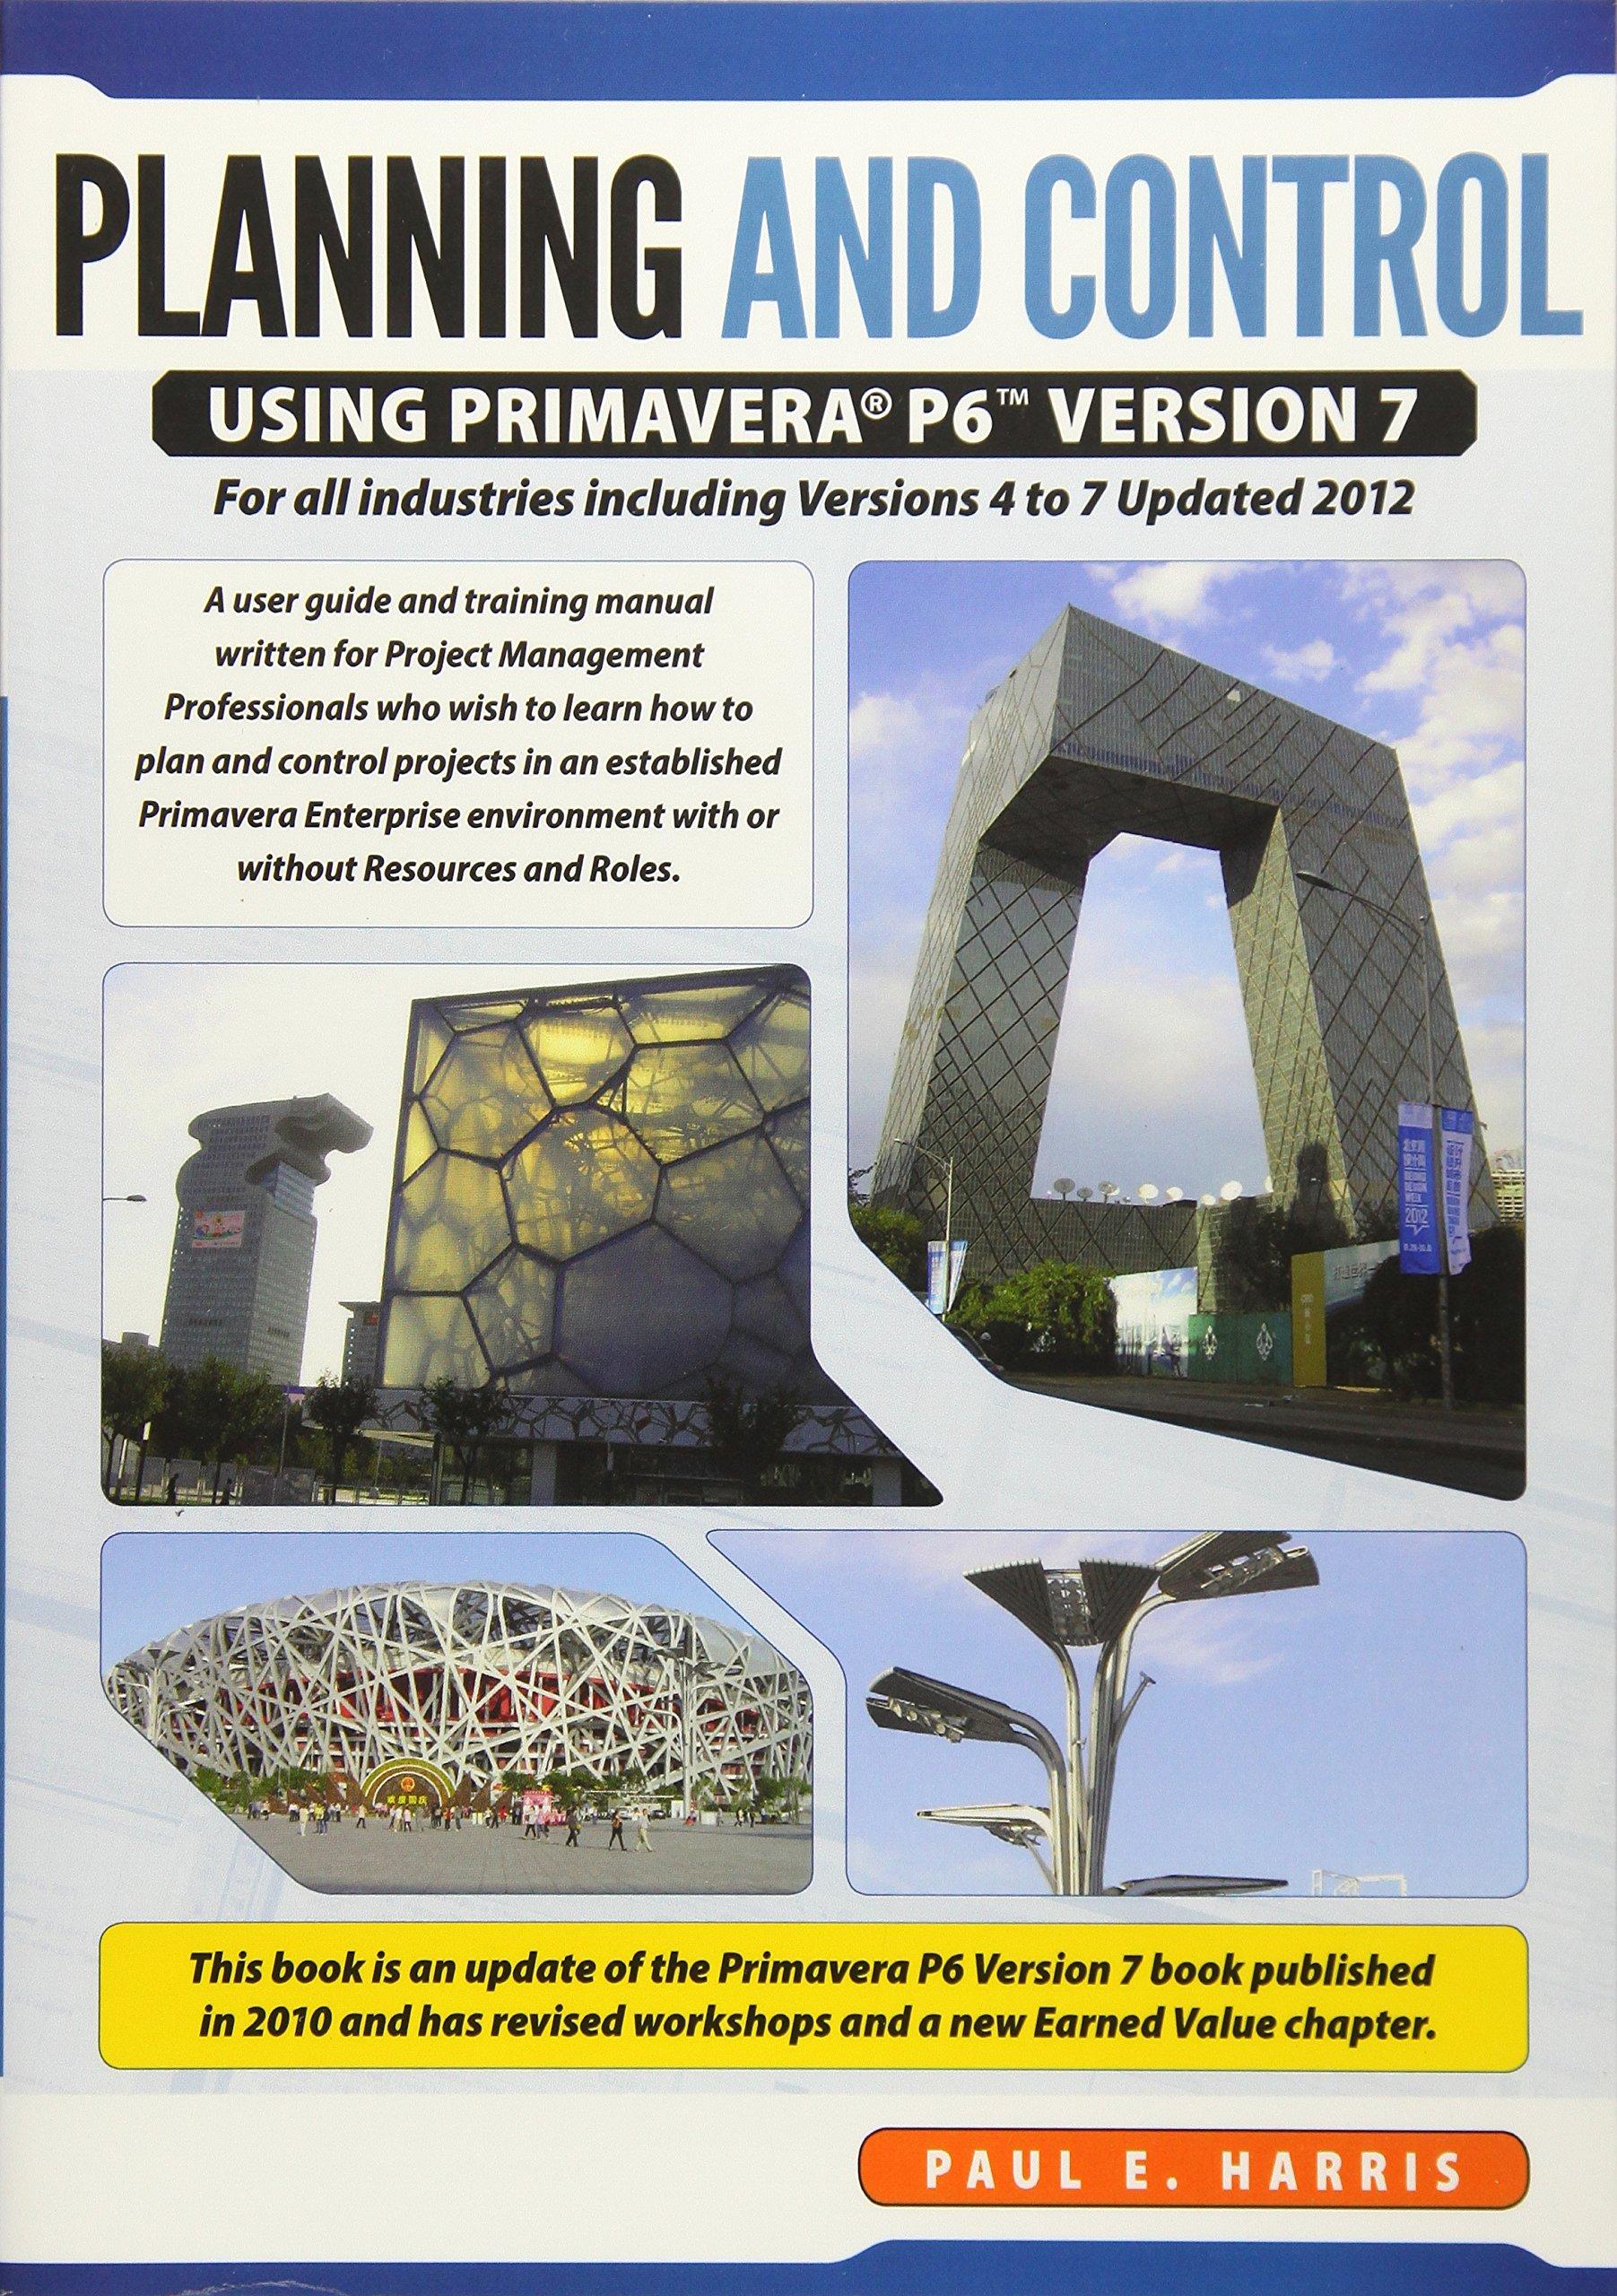 Primavera p6 for dummies / canon pixma ip4200 service manuals.